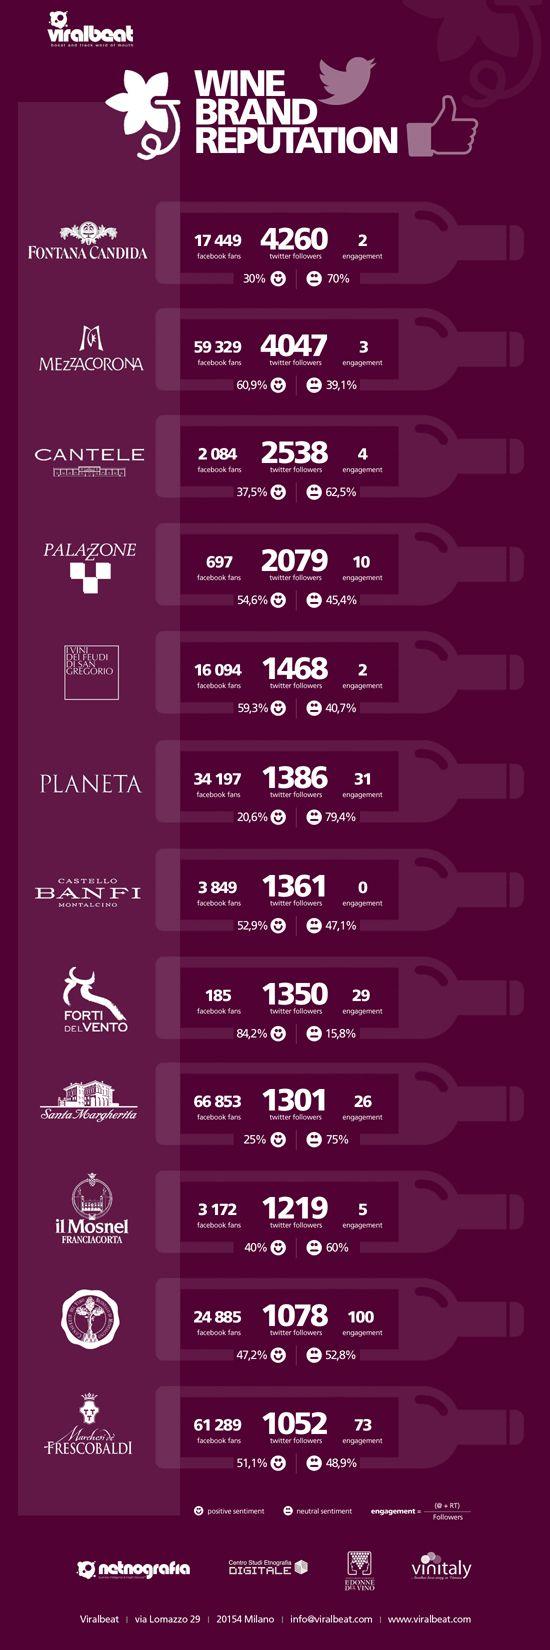 Wine brand reputation: le aziende più social e i brand più citati online #vinosmaximum